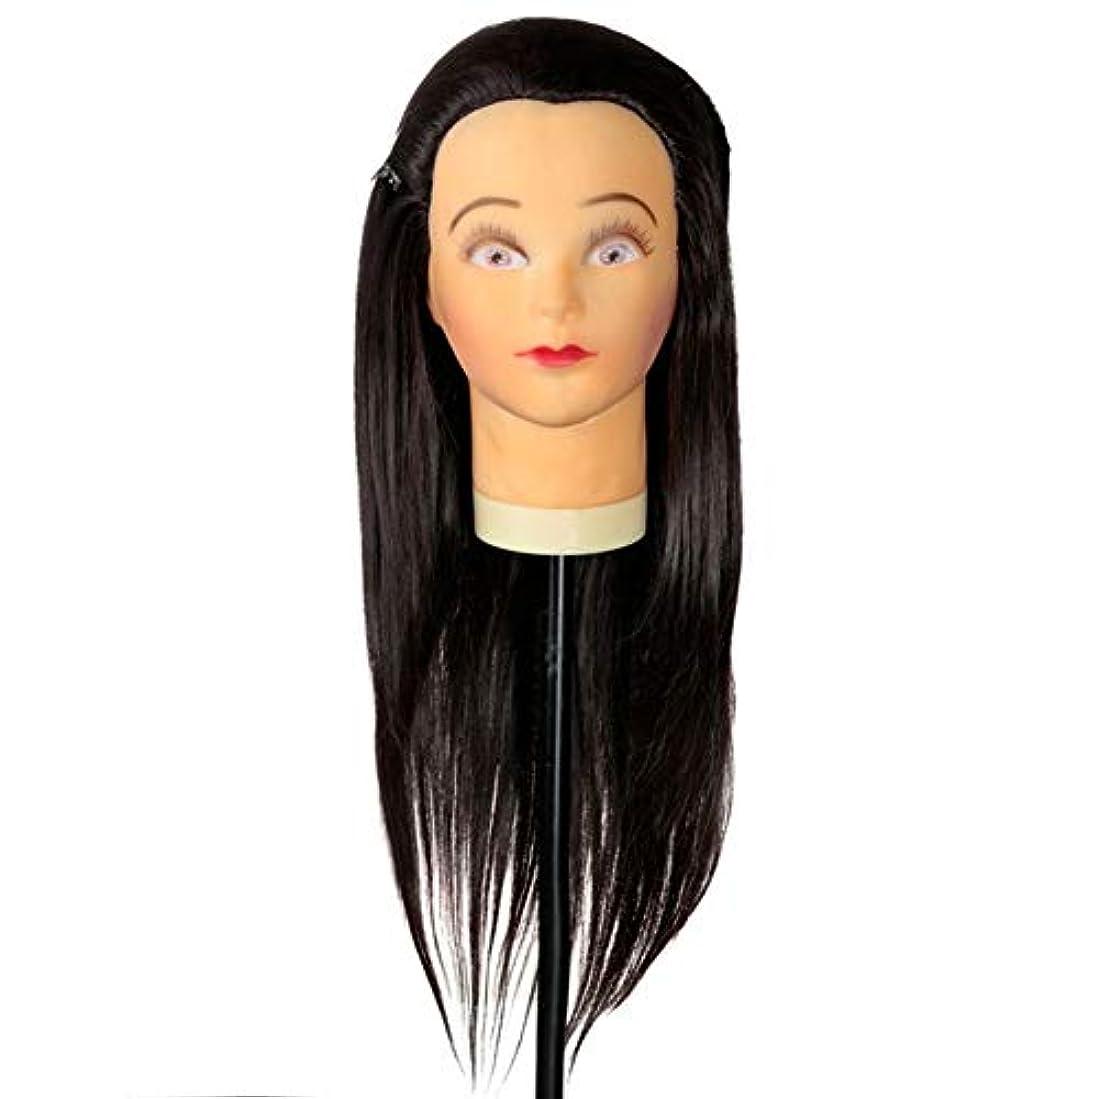 引き算詳細に是正メイクアップエクササイズディスク髪編組ヘッド金型デュアルユースダミーヘッドモデルヘッド美容ヘアカットティーチングヘッドかつら